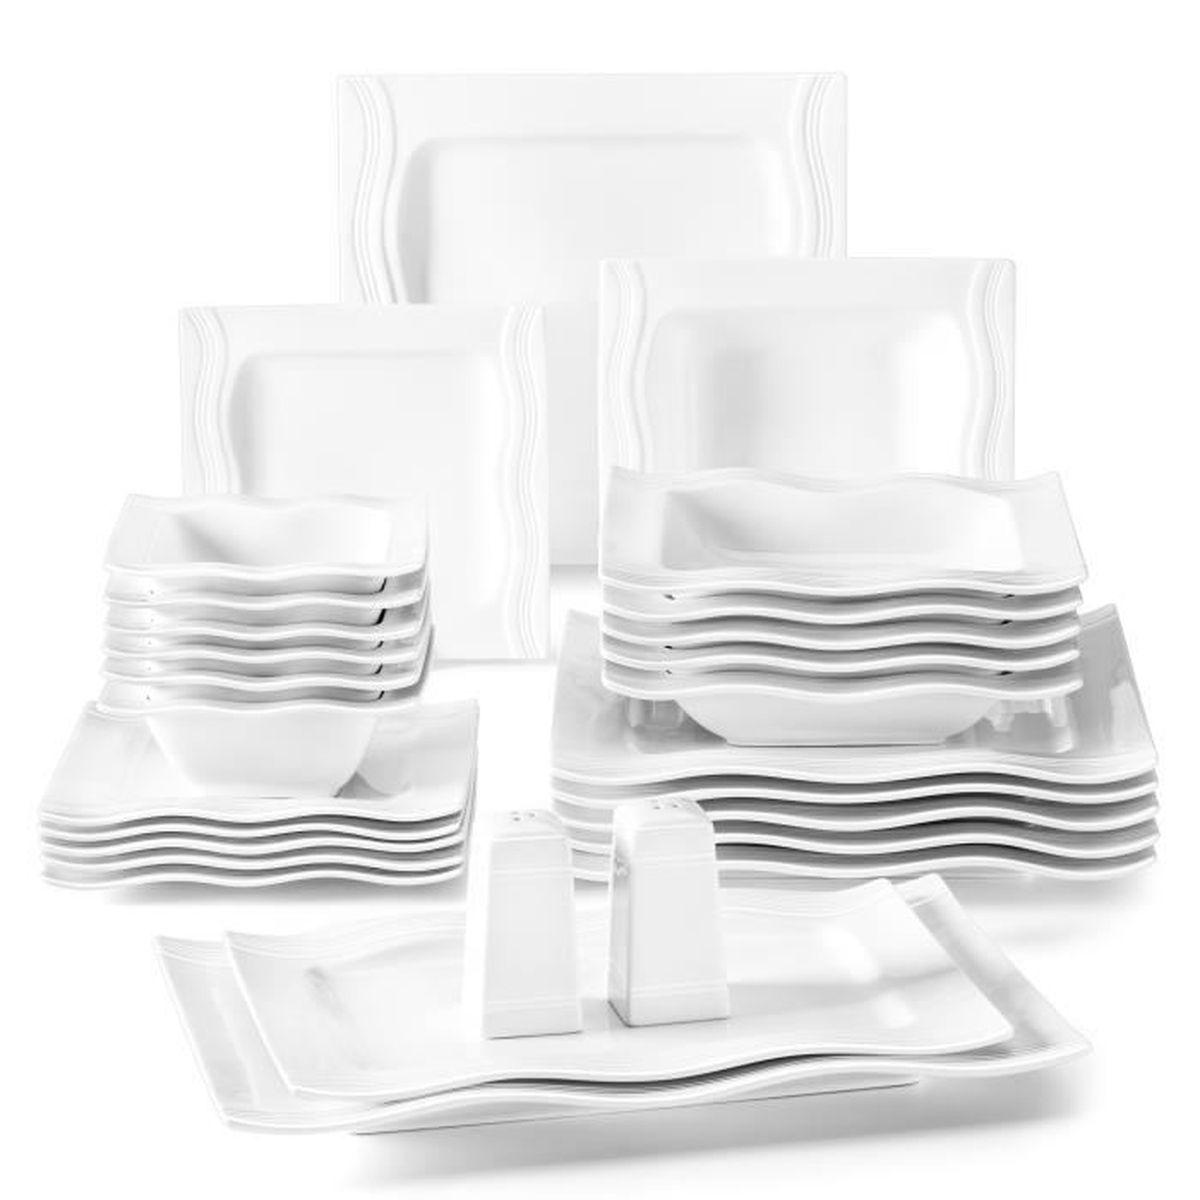 malacasa s rie mario 28pcs service table porcelaine assiette bol sali re poivri re vaisselles. Black Bedroom Furniture Sets. Home Design Ideas